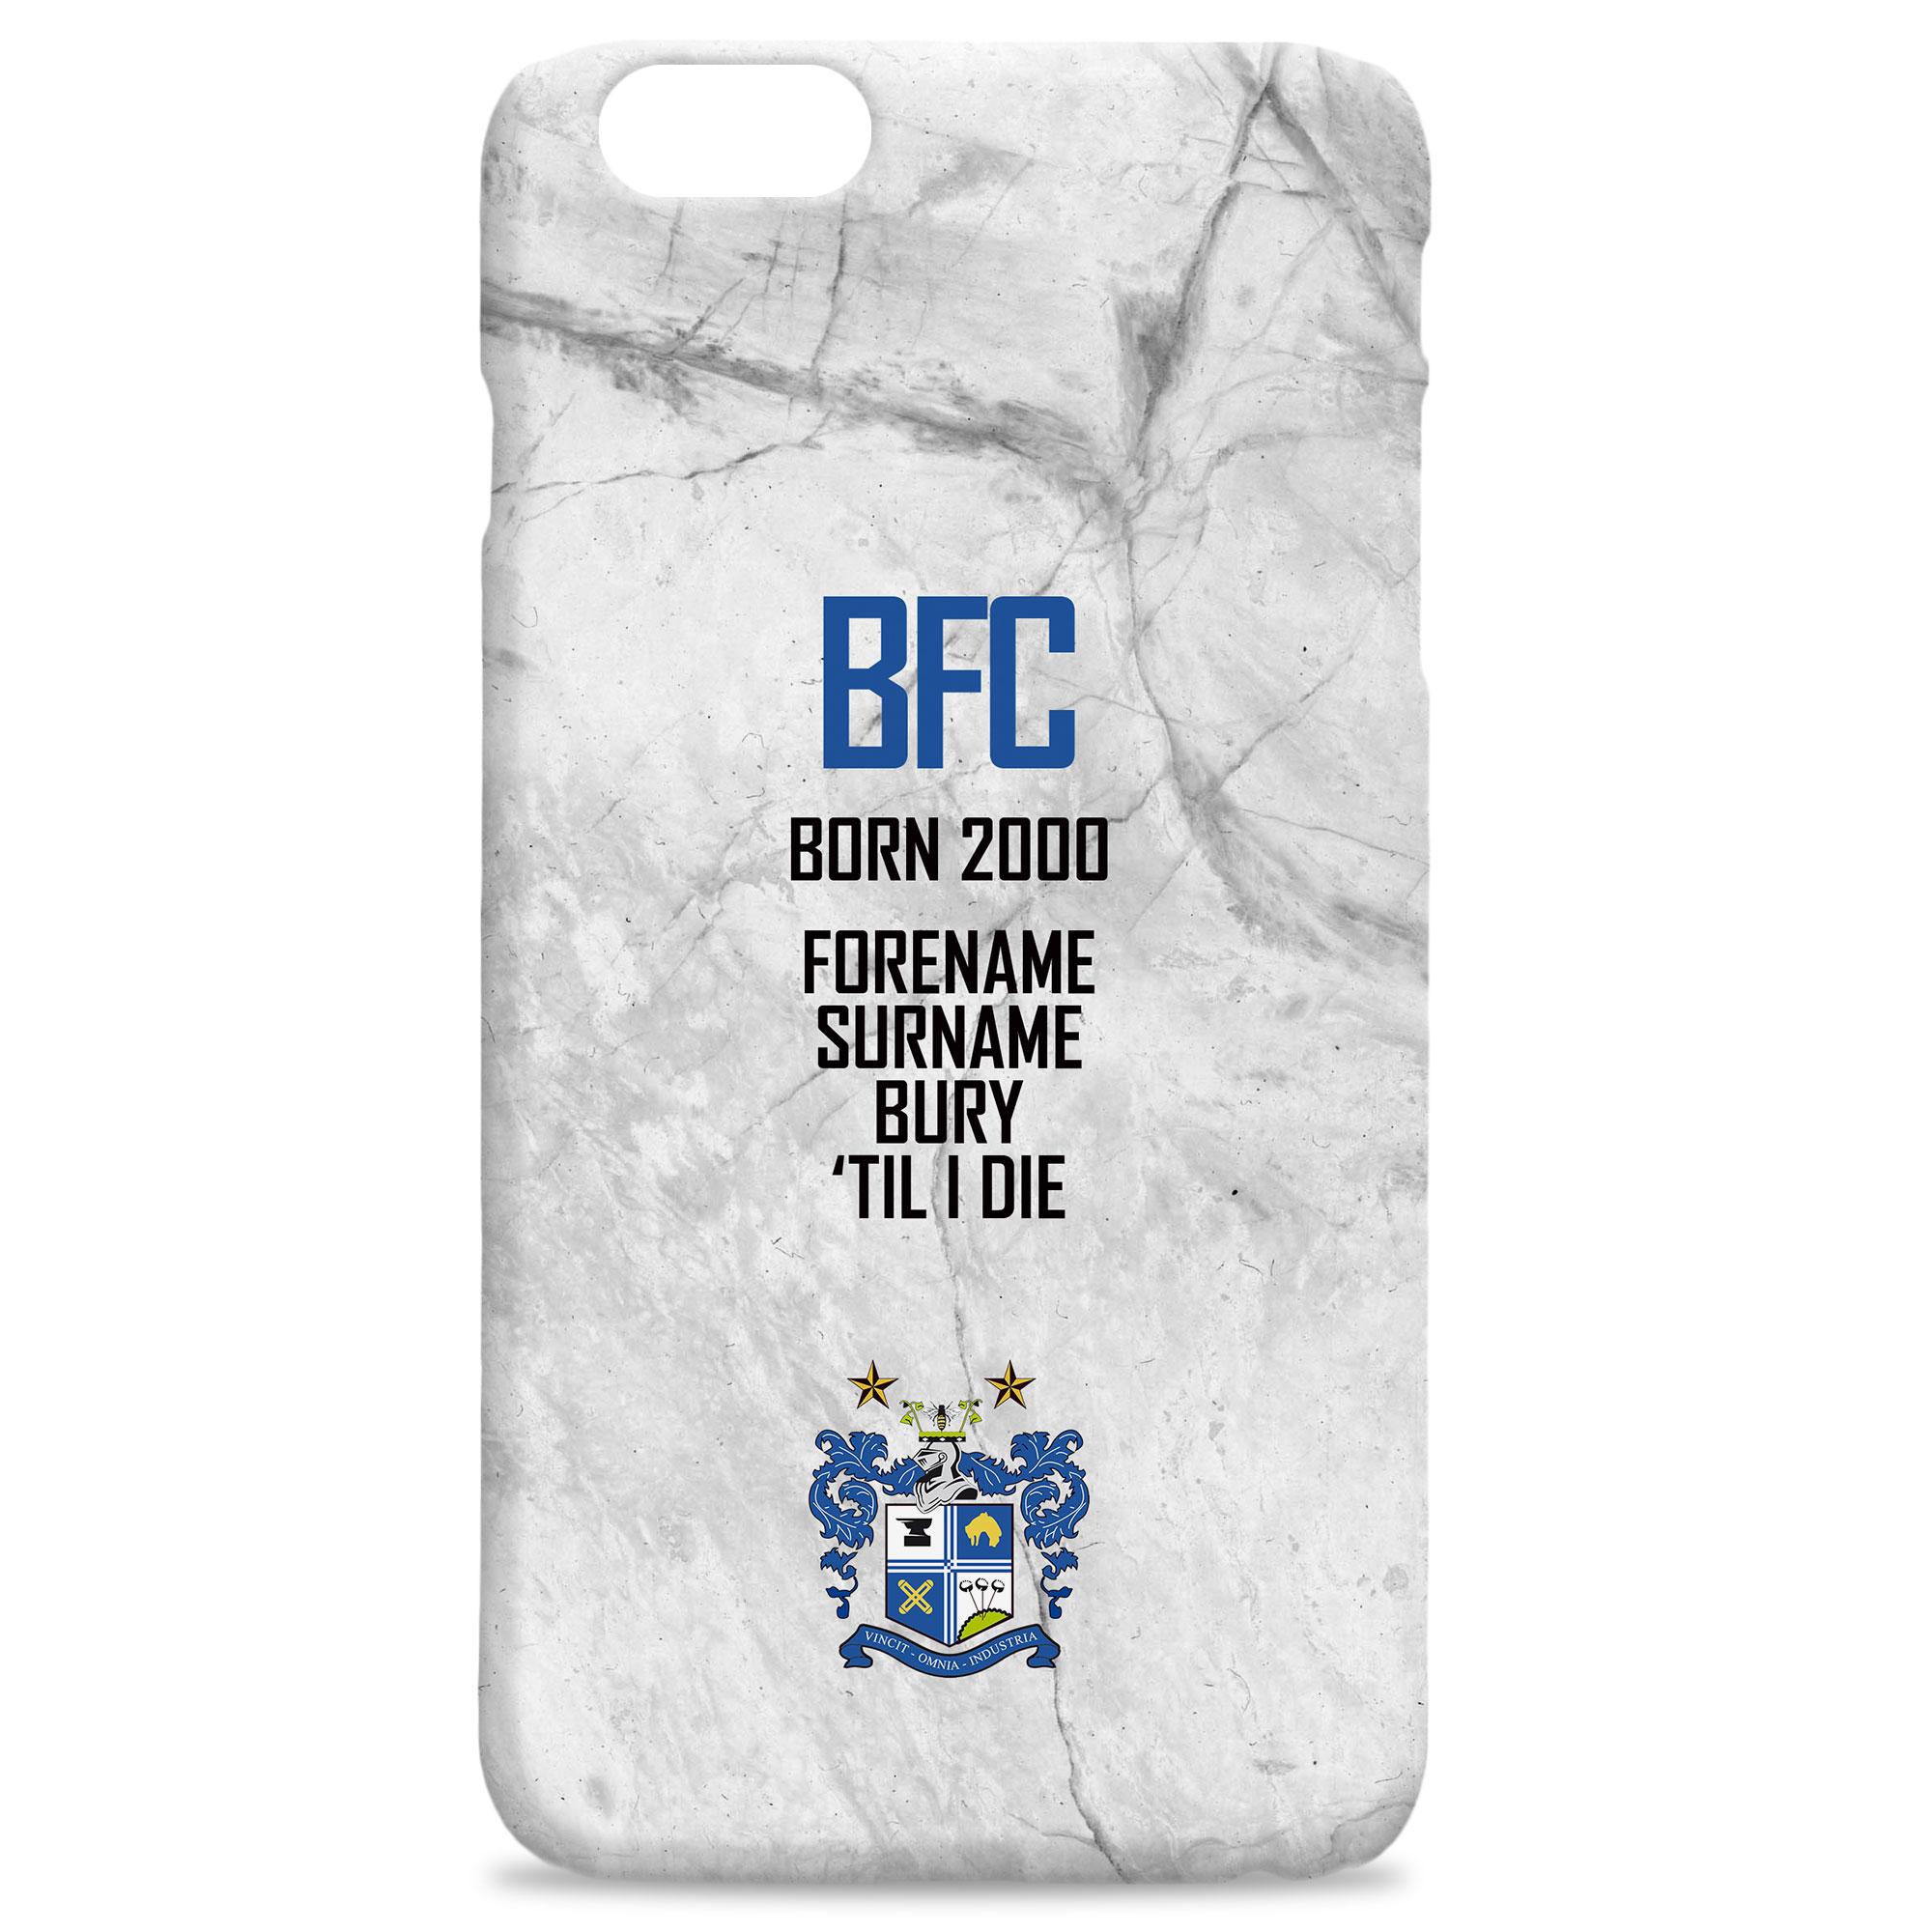 Bury FC 'Til I Die Hard Back Phone Case